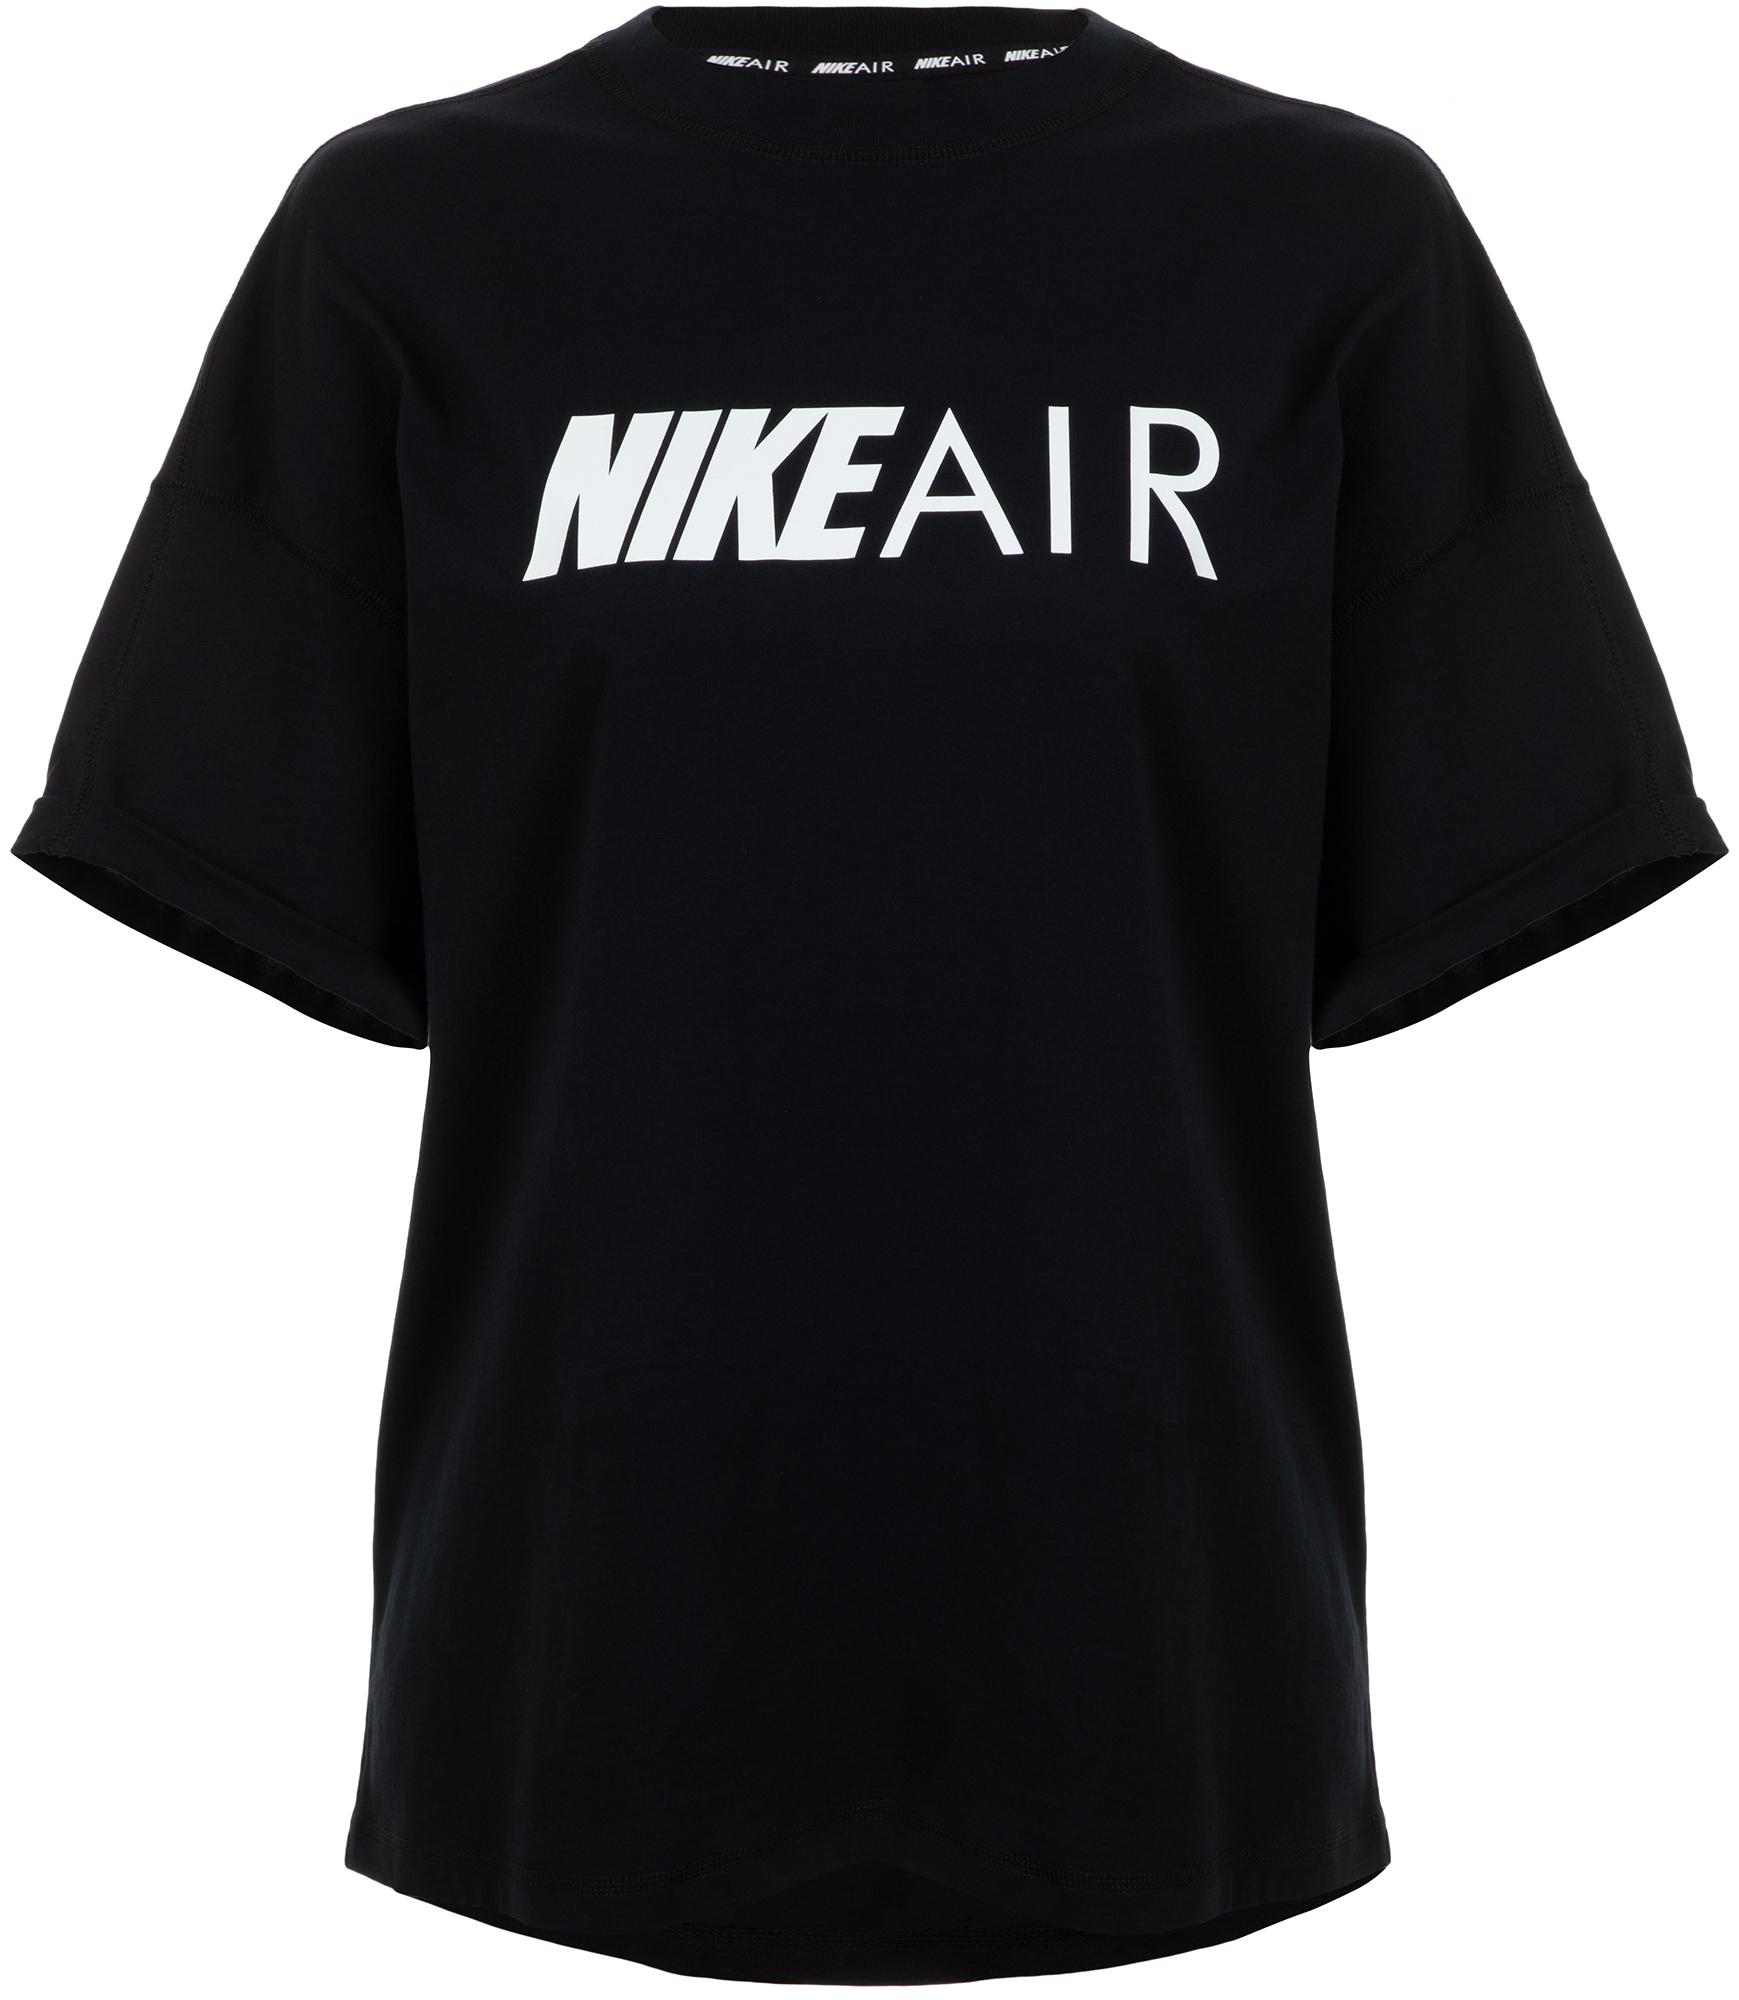 Nike Футболка женская Air, размер 40-42